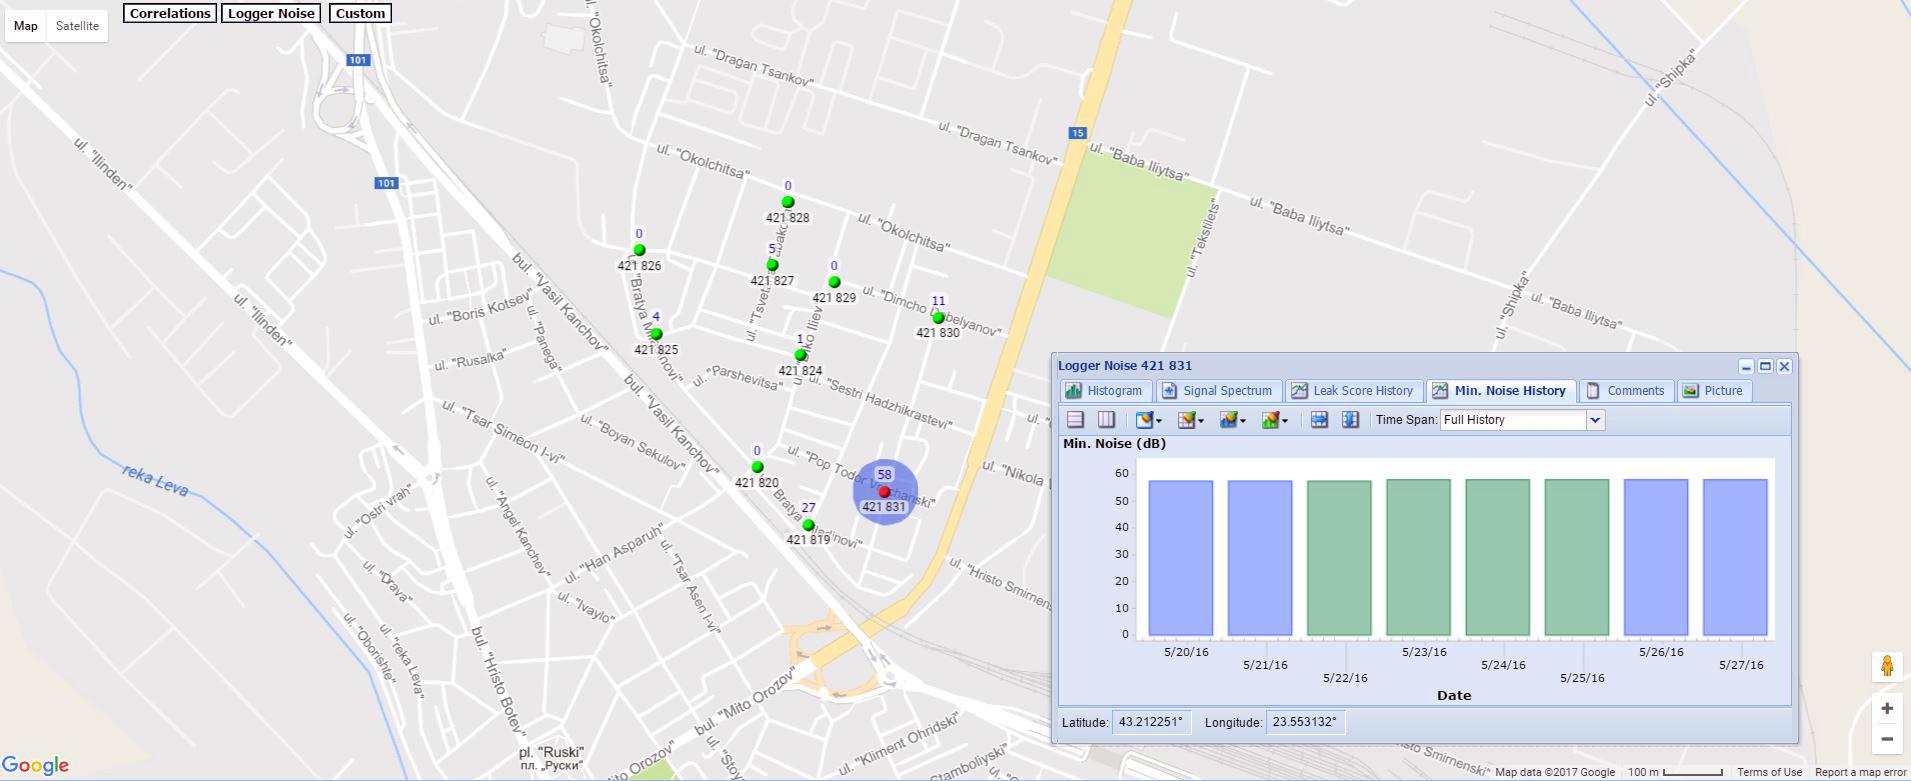 Откриване на течове и мониторинг на картата